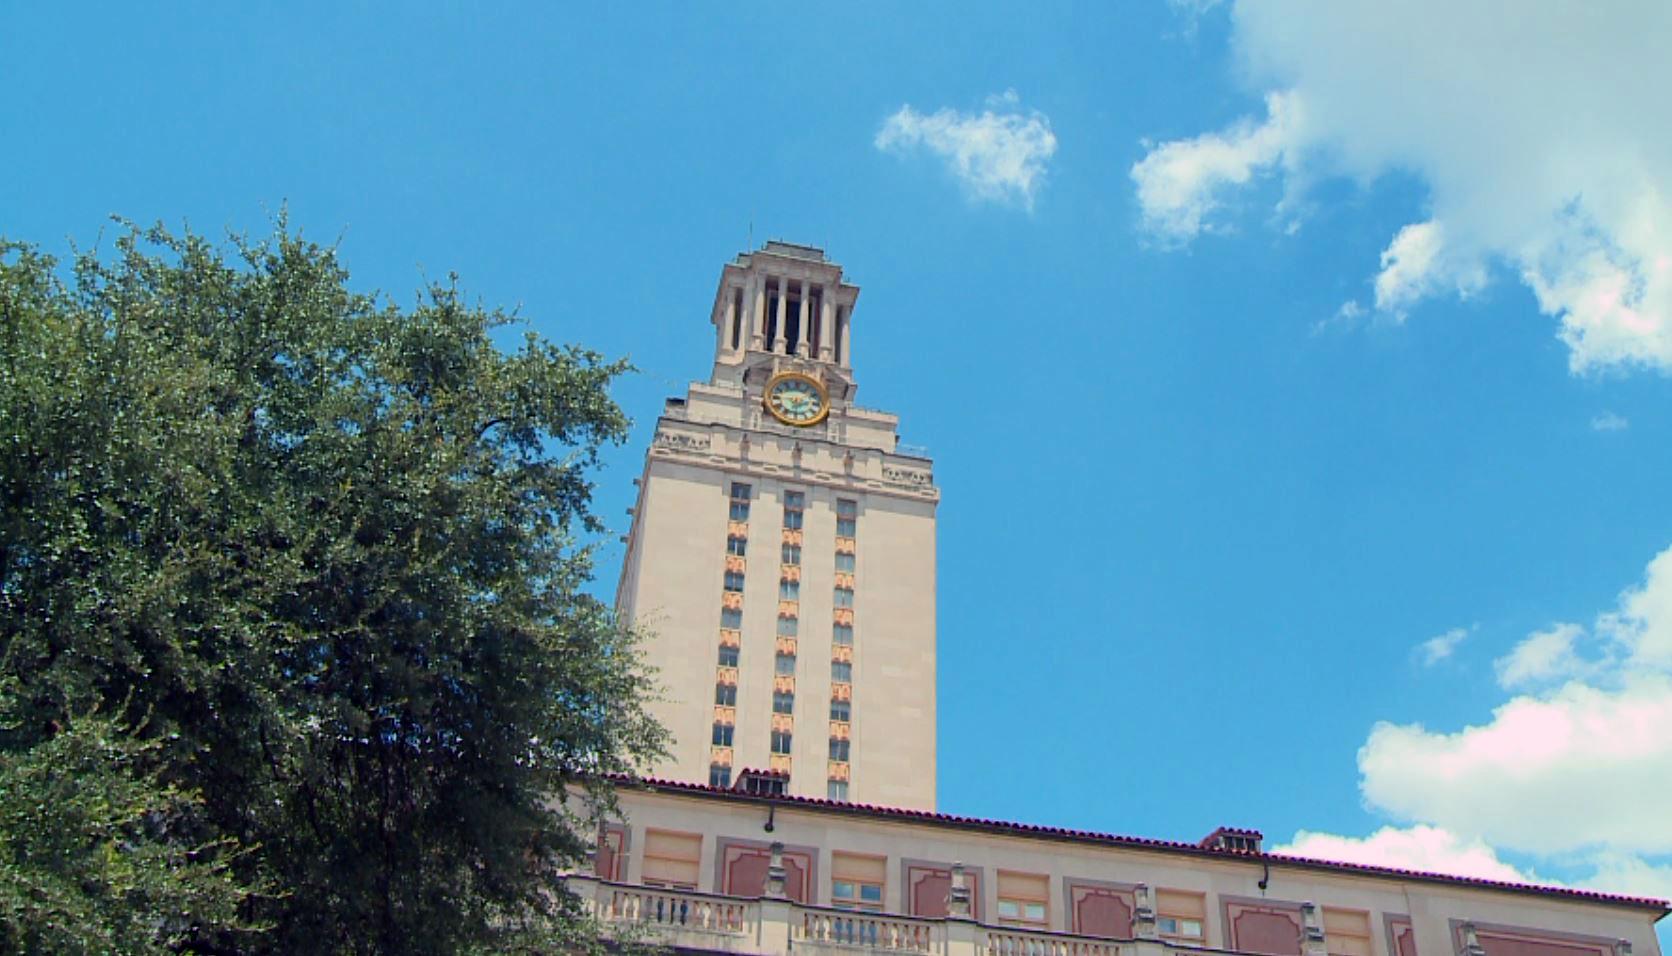 FILE - UT Austin Tower